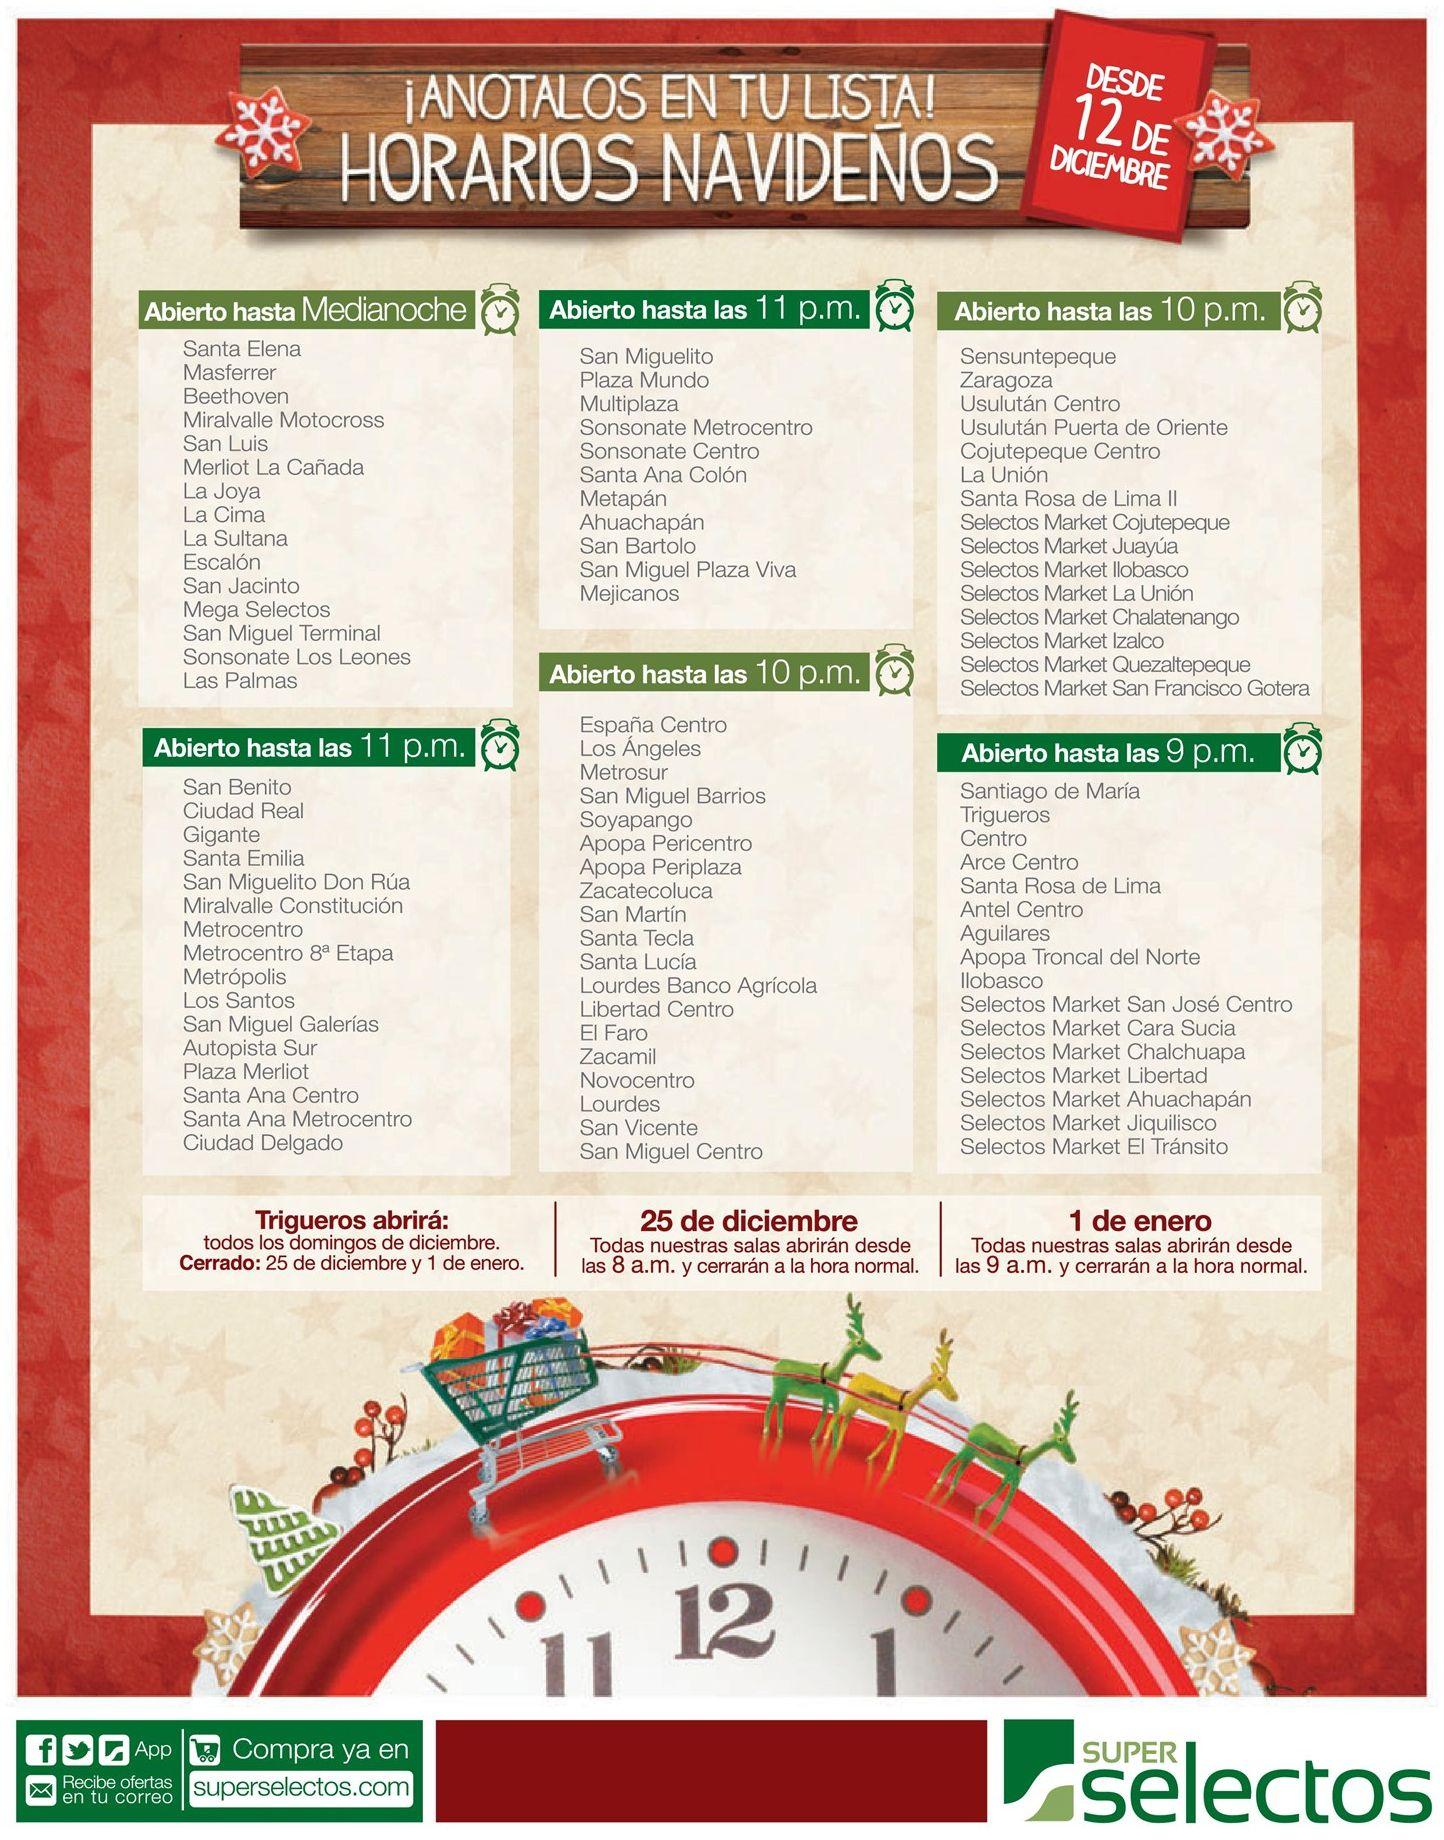 Cuales son los horarios navidad del super selectos for Cuales son los adornos navidenos